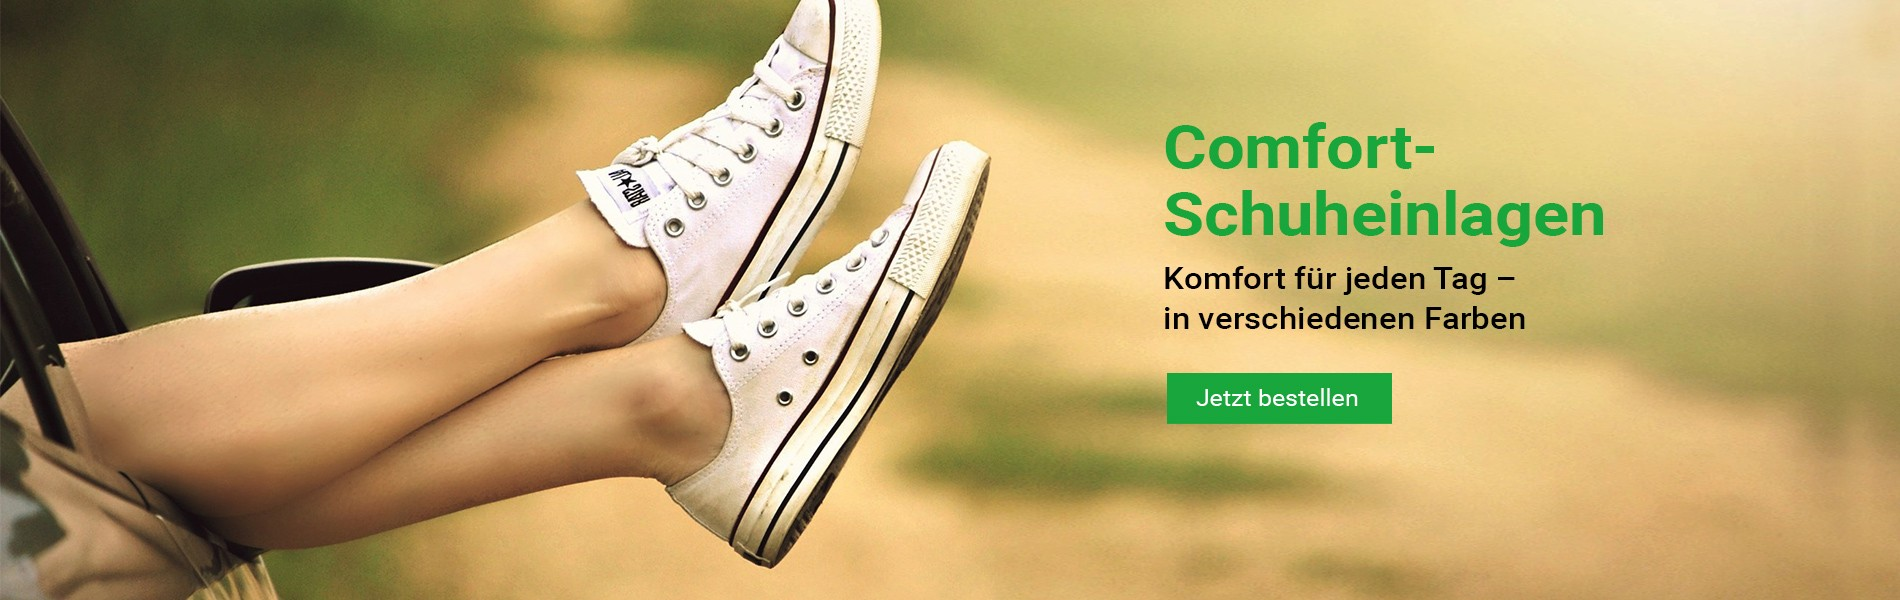 Comfort Schuheinlagen für den beschwerdefreien Alltag - Einlegesohlen für jeden Schuhe